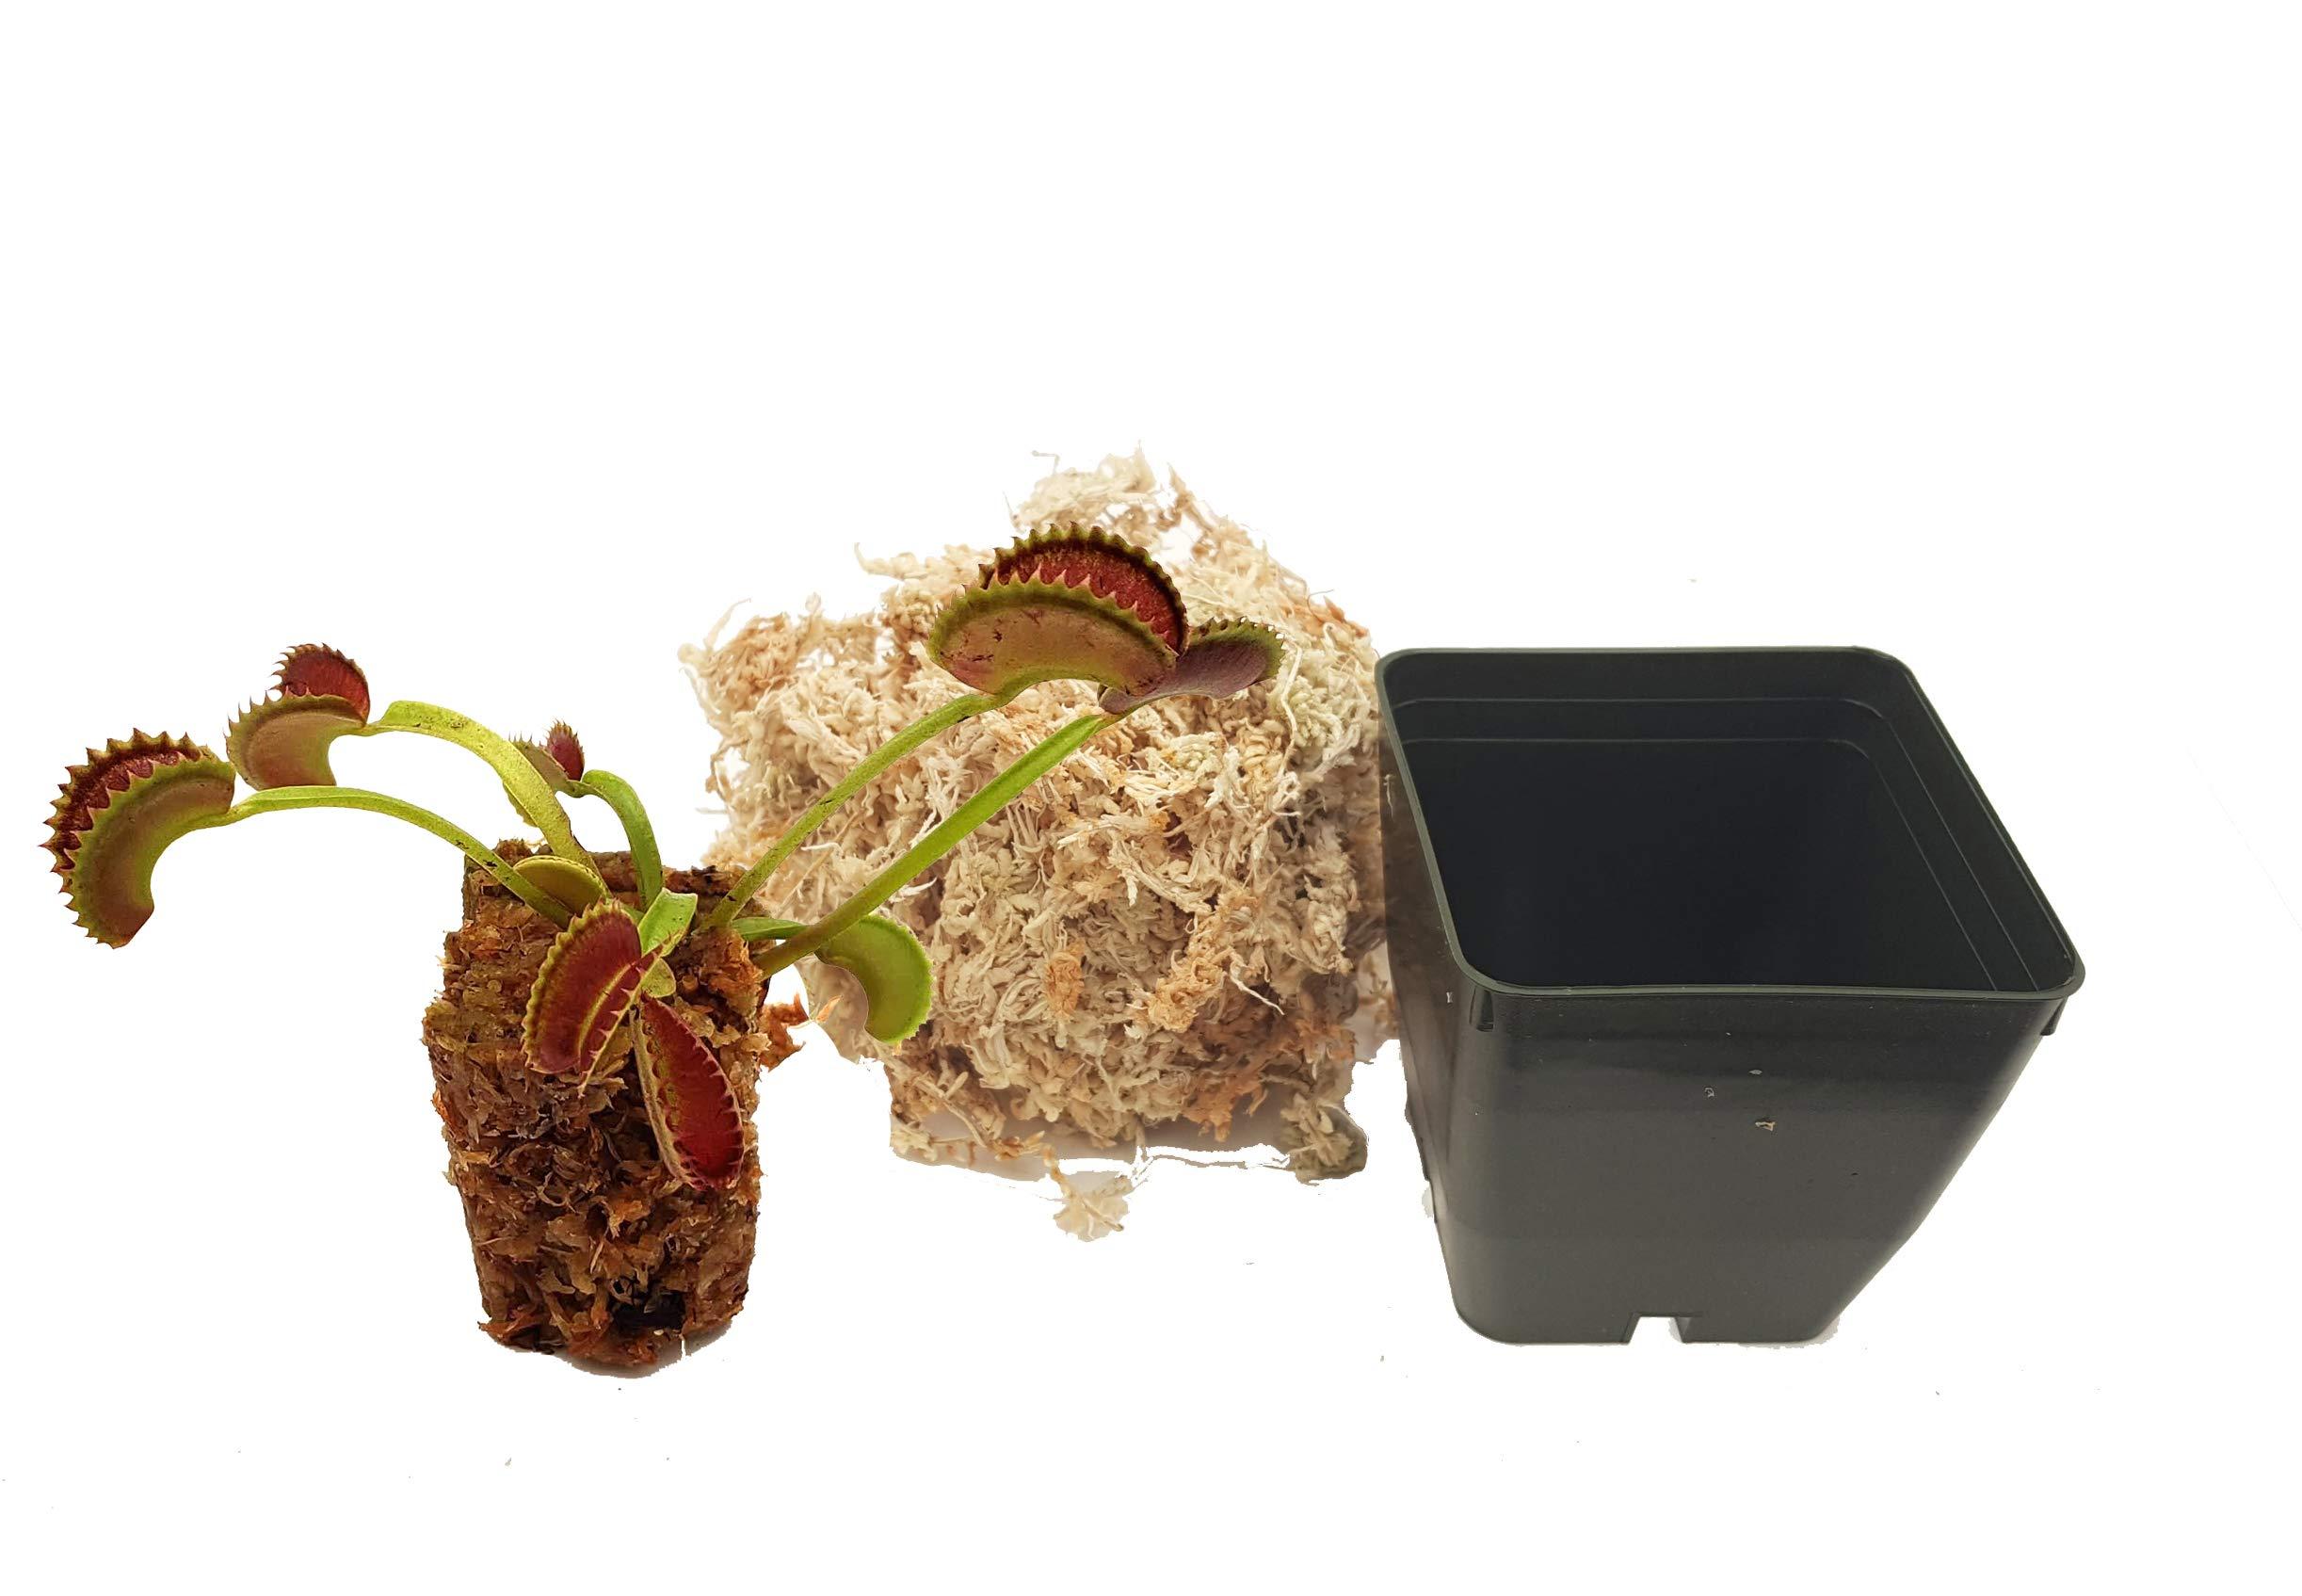 Venus Flytrap 'Dente' Carnivorous Plant, Dionaea muscipula, Live Arrival, Adult Plant, 3'' Pot - Predatory Plants by Predatory Plants (Image #3)